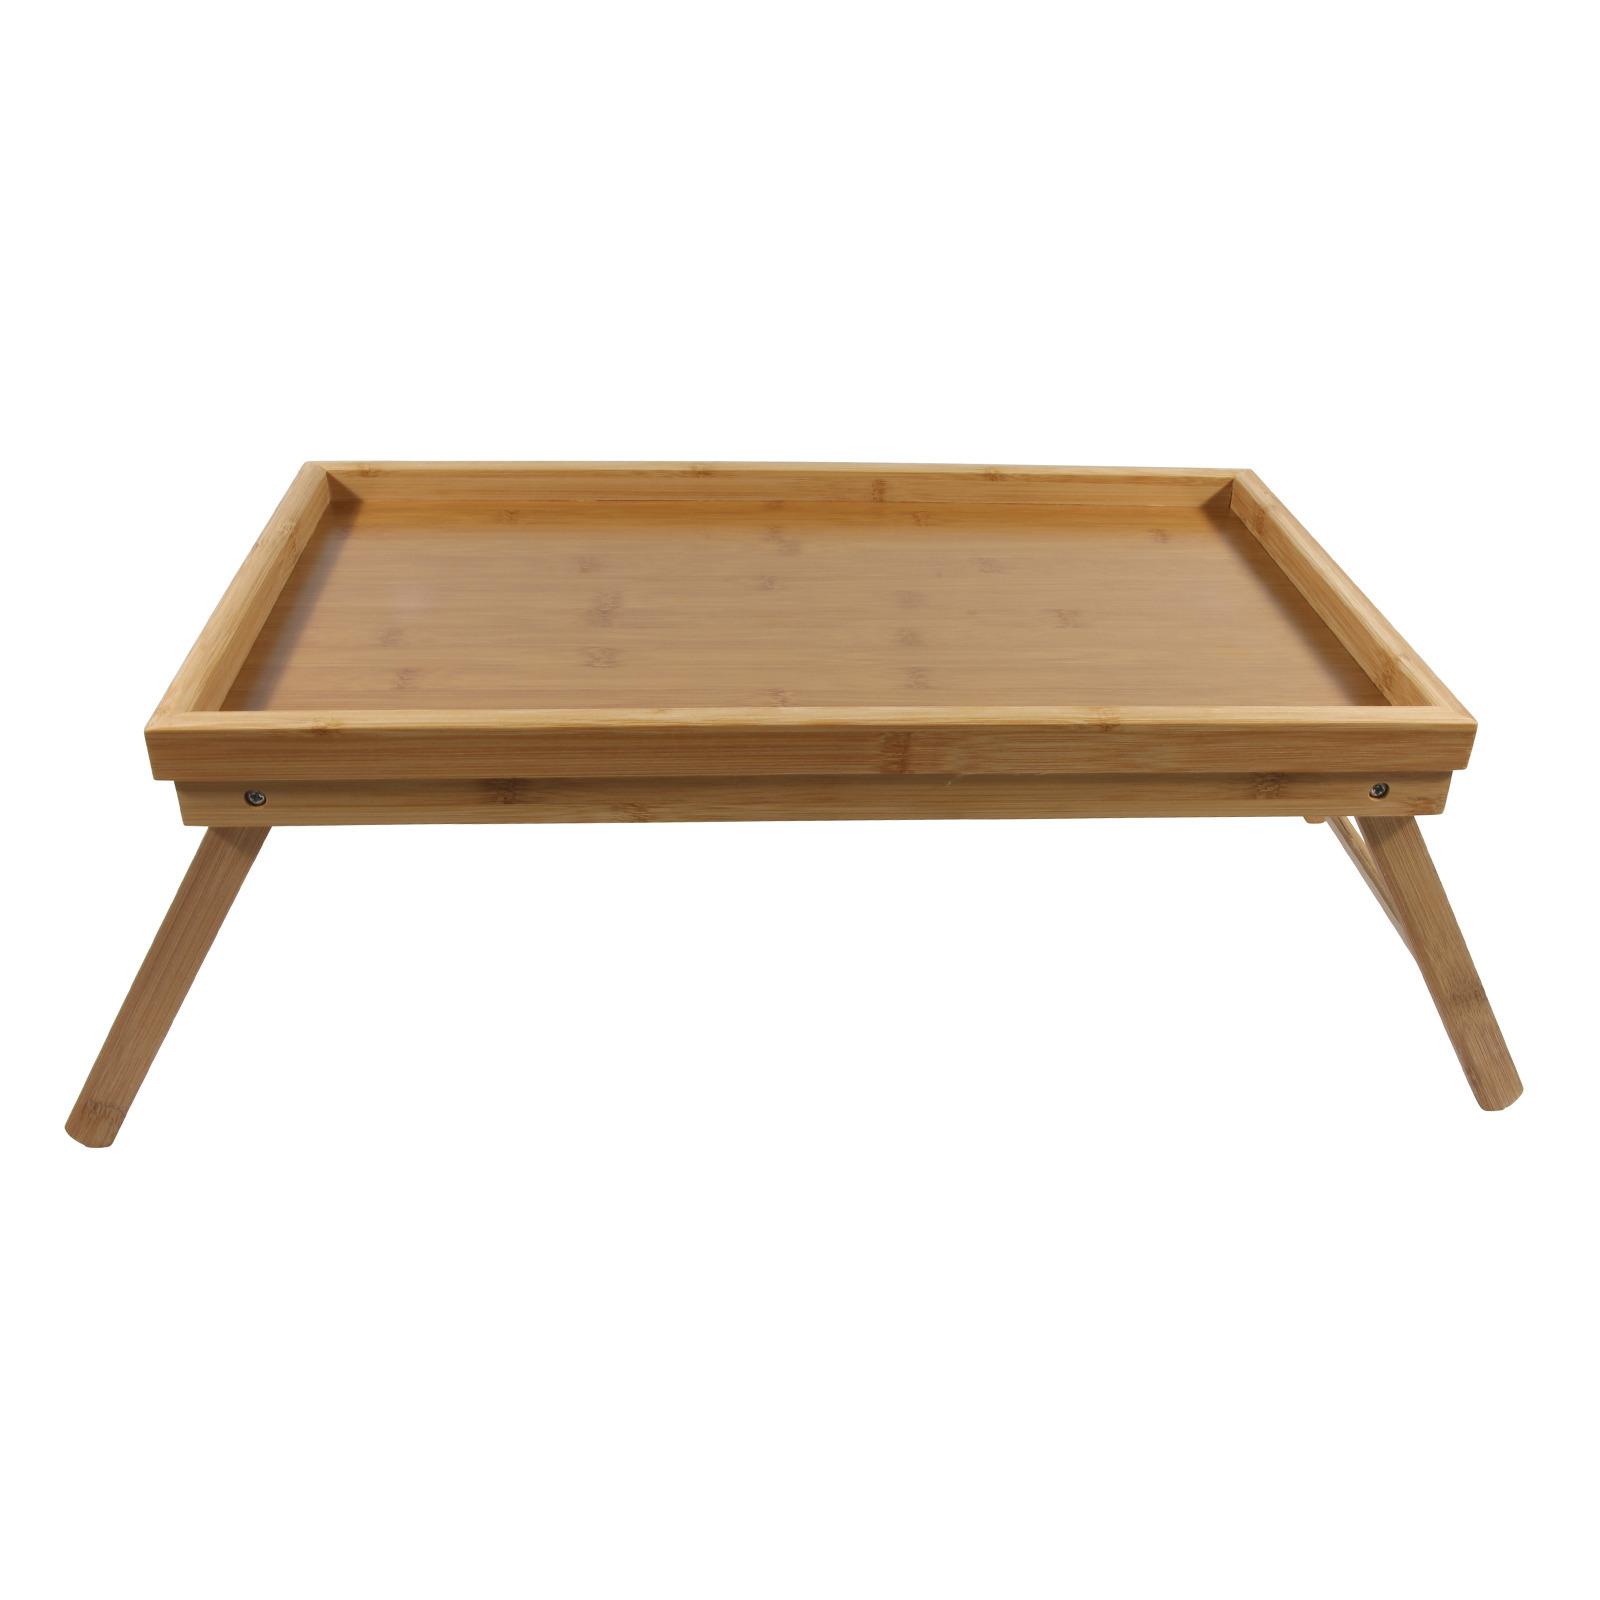 1x bamboe ontbijt schoot dienbladen tafeltjes 50 x 30 cm